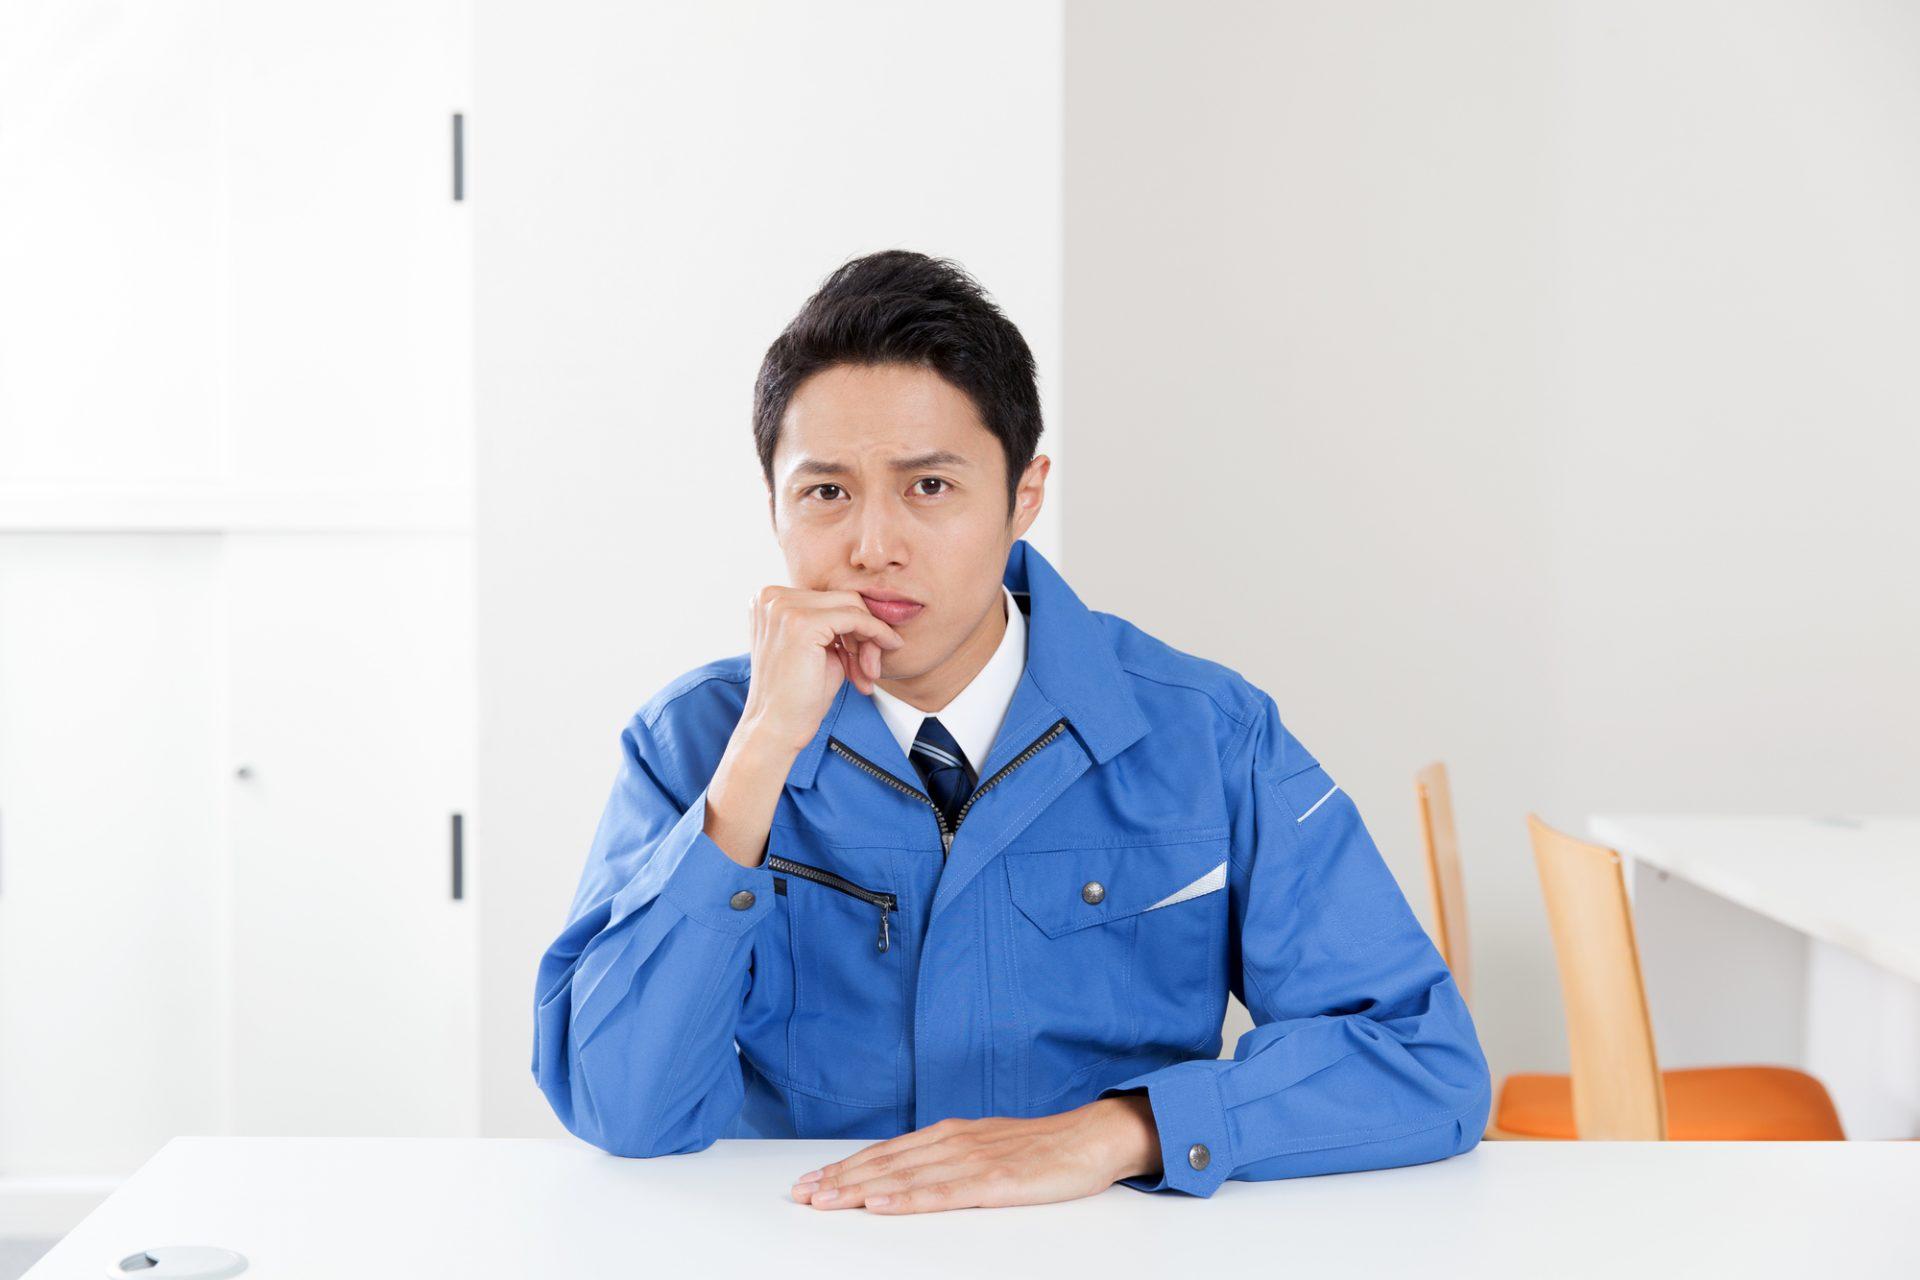 電気工事士の資格ってどんなもの?仕事内容や試験についての基本情報